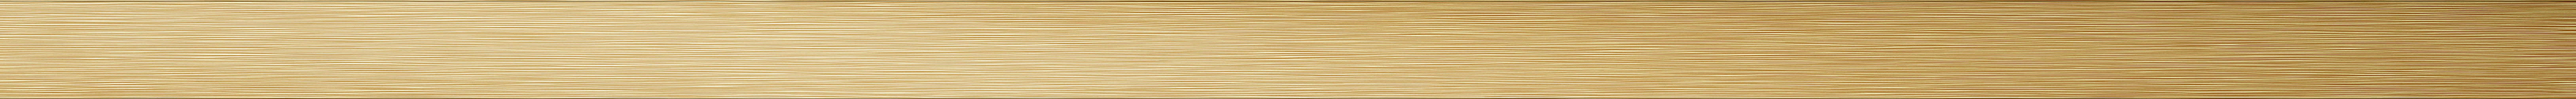 Ducado gold